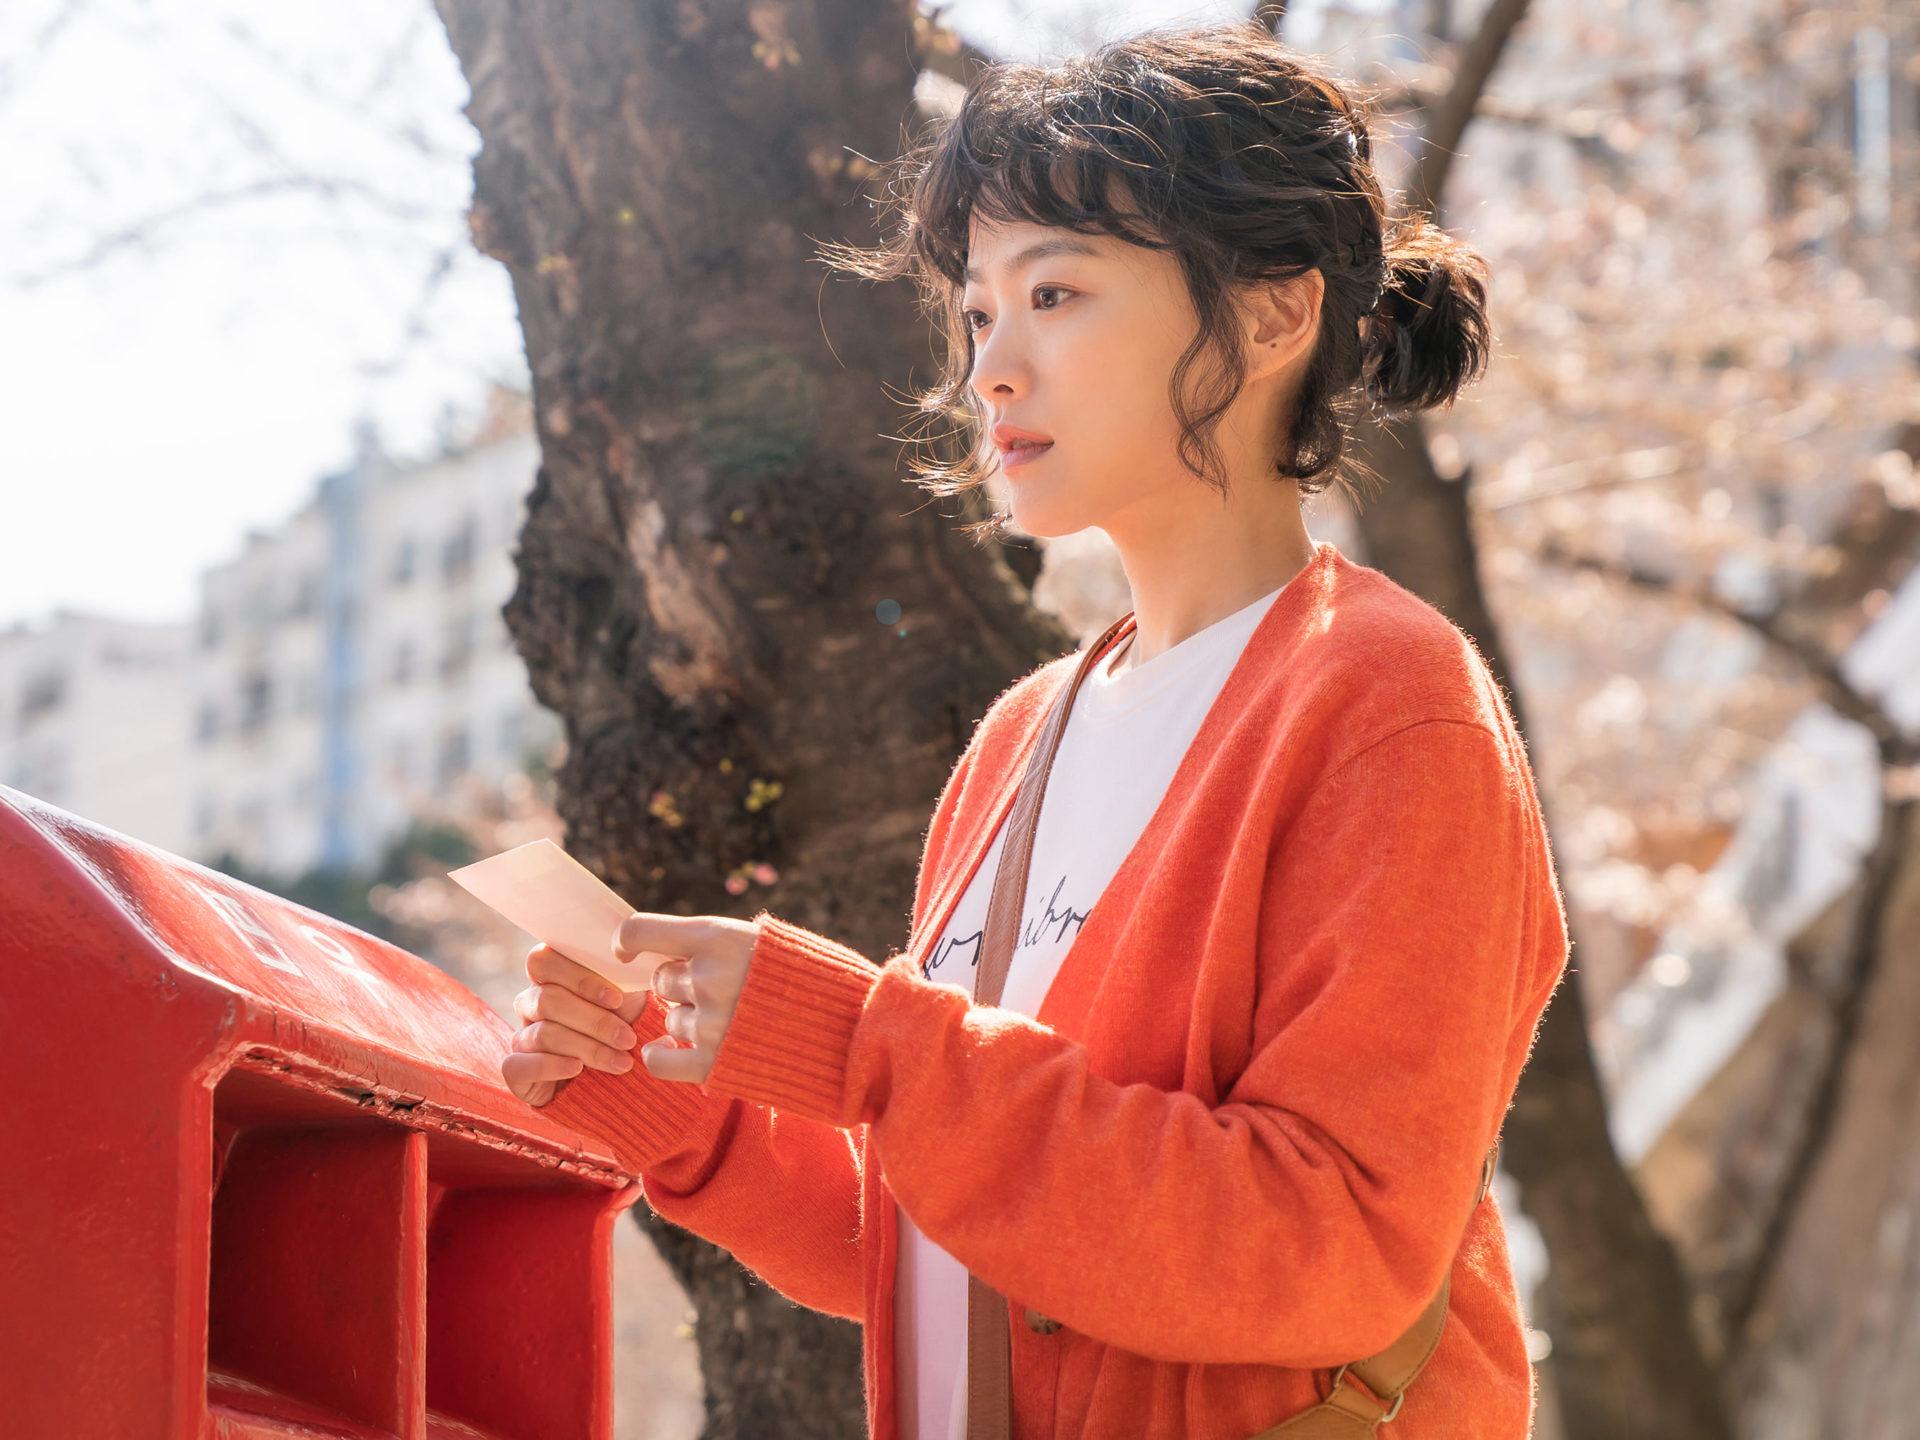 《如果雨之後》姜河那又一深情新作 復古浪漫媲美日本《情書》